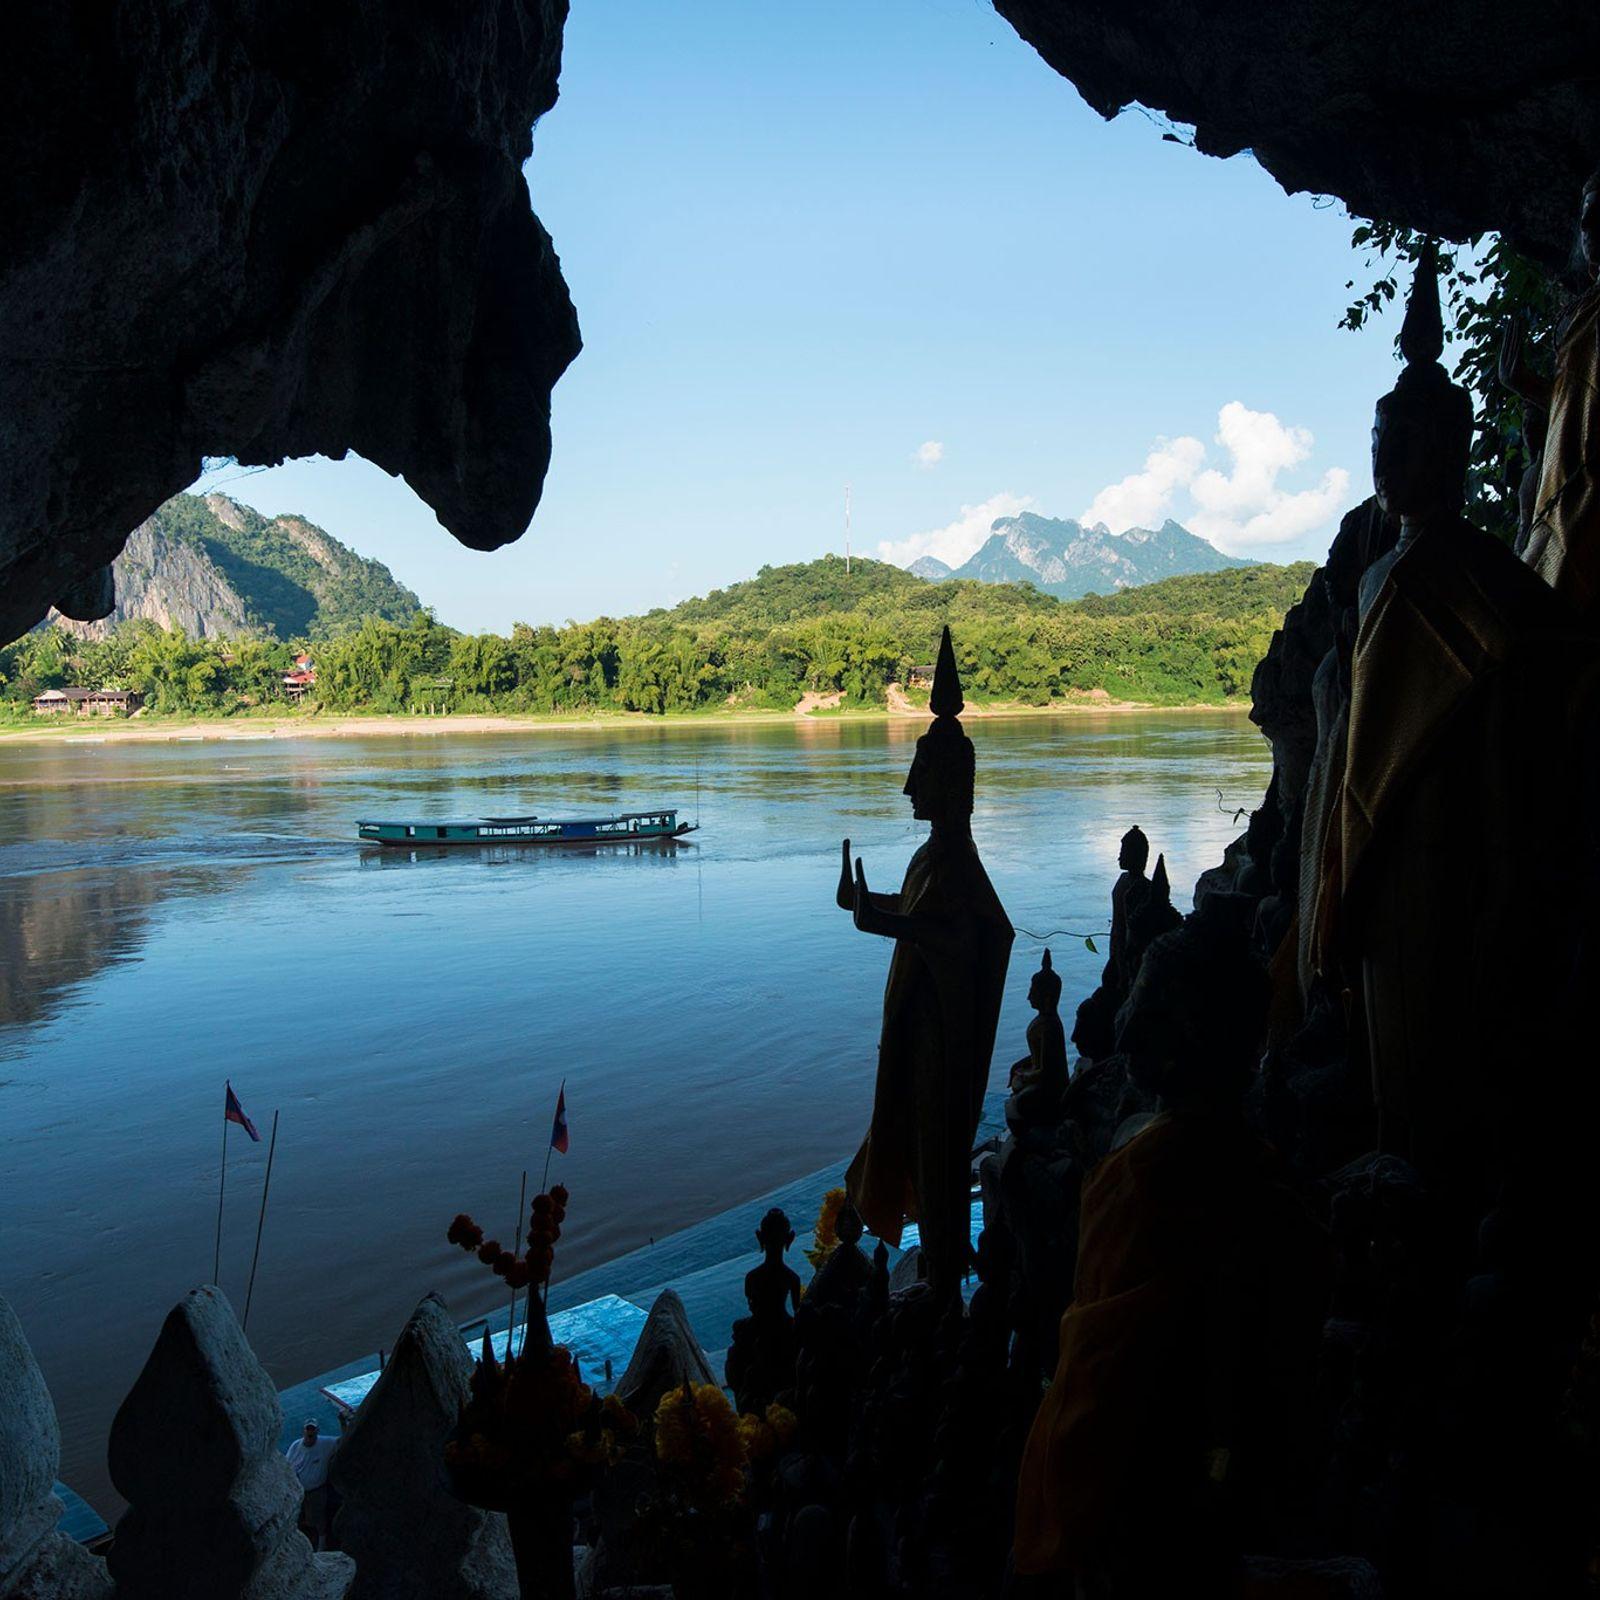 Pak-Ou-Höhlen